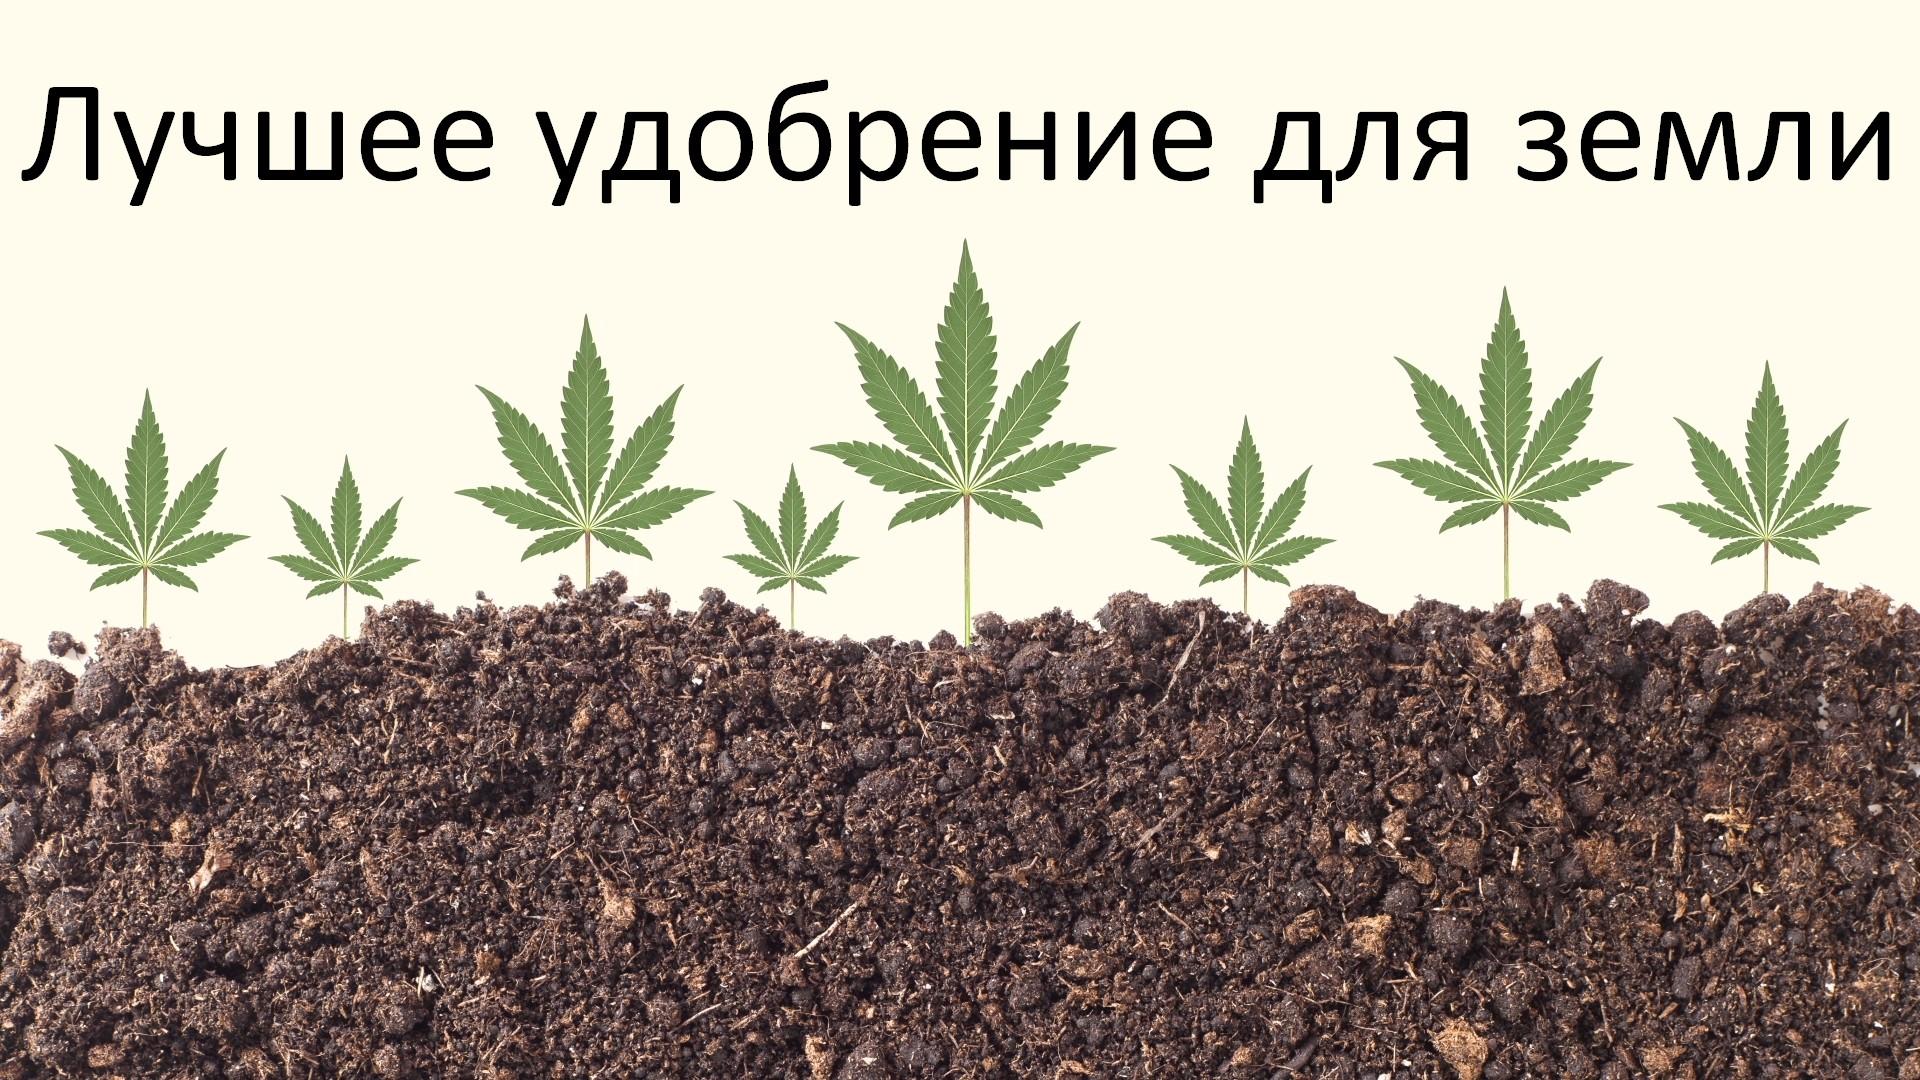 Лучшее удобрение для земли